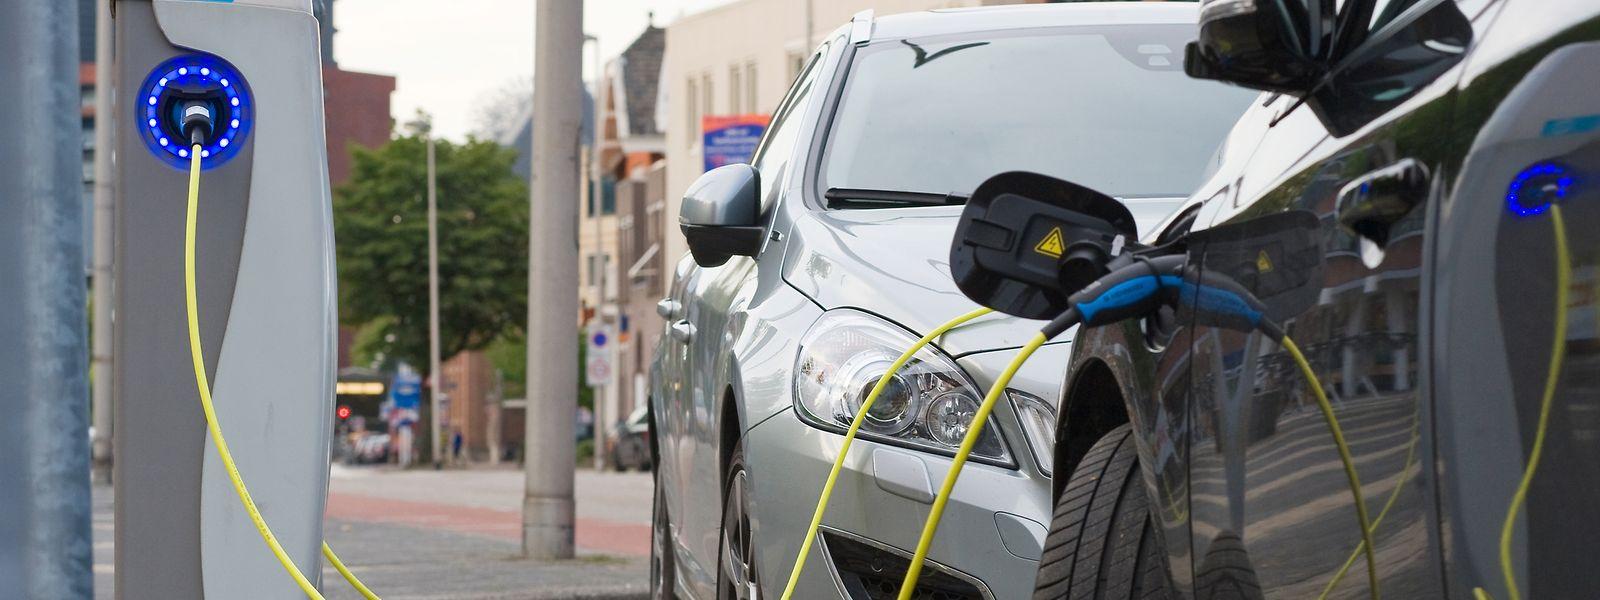 Wenn der Verkehr elektrisch ist: Die CO2-Bilanz hängt vor allem von der Art der Stromproduktion ab.